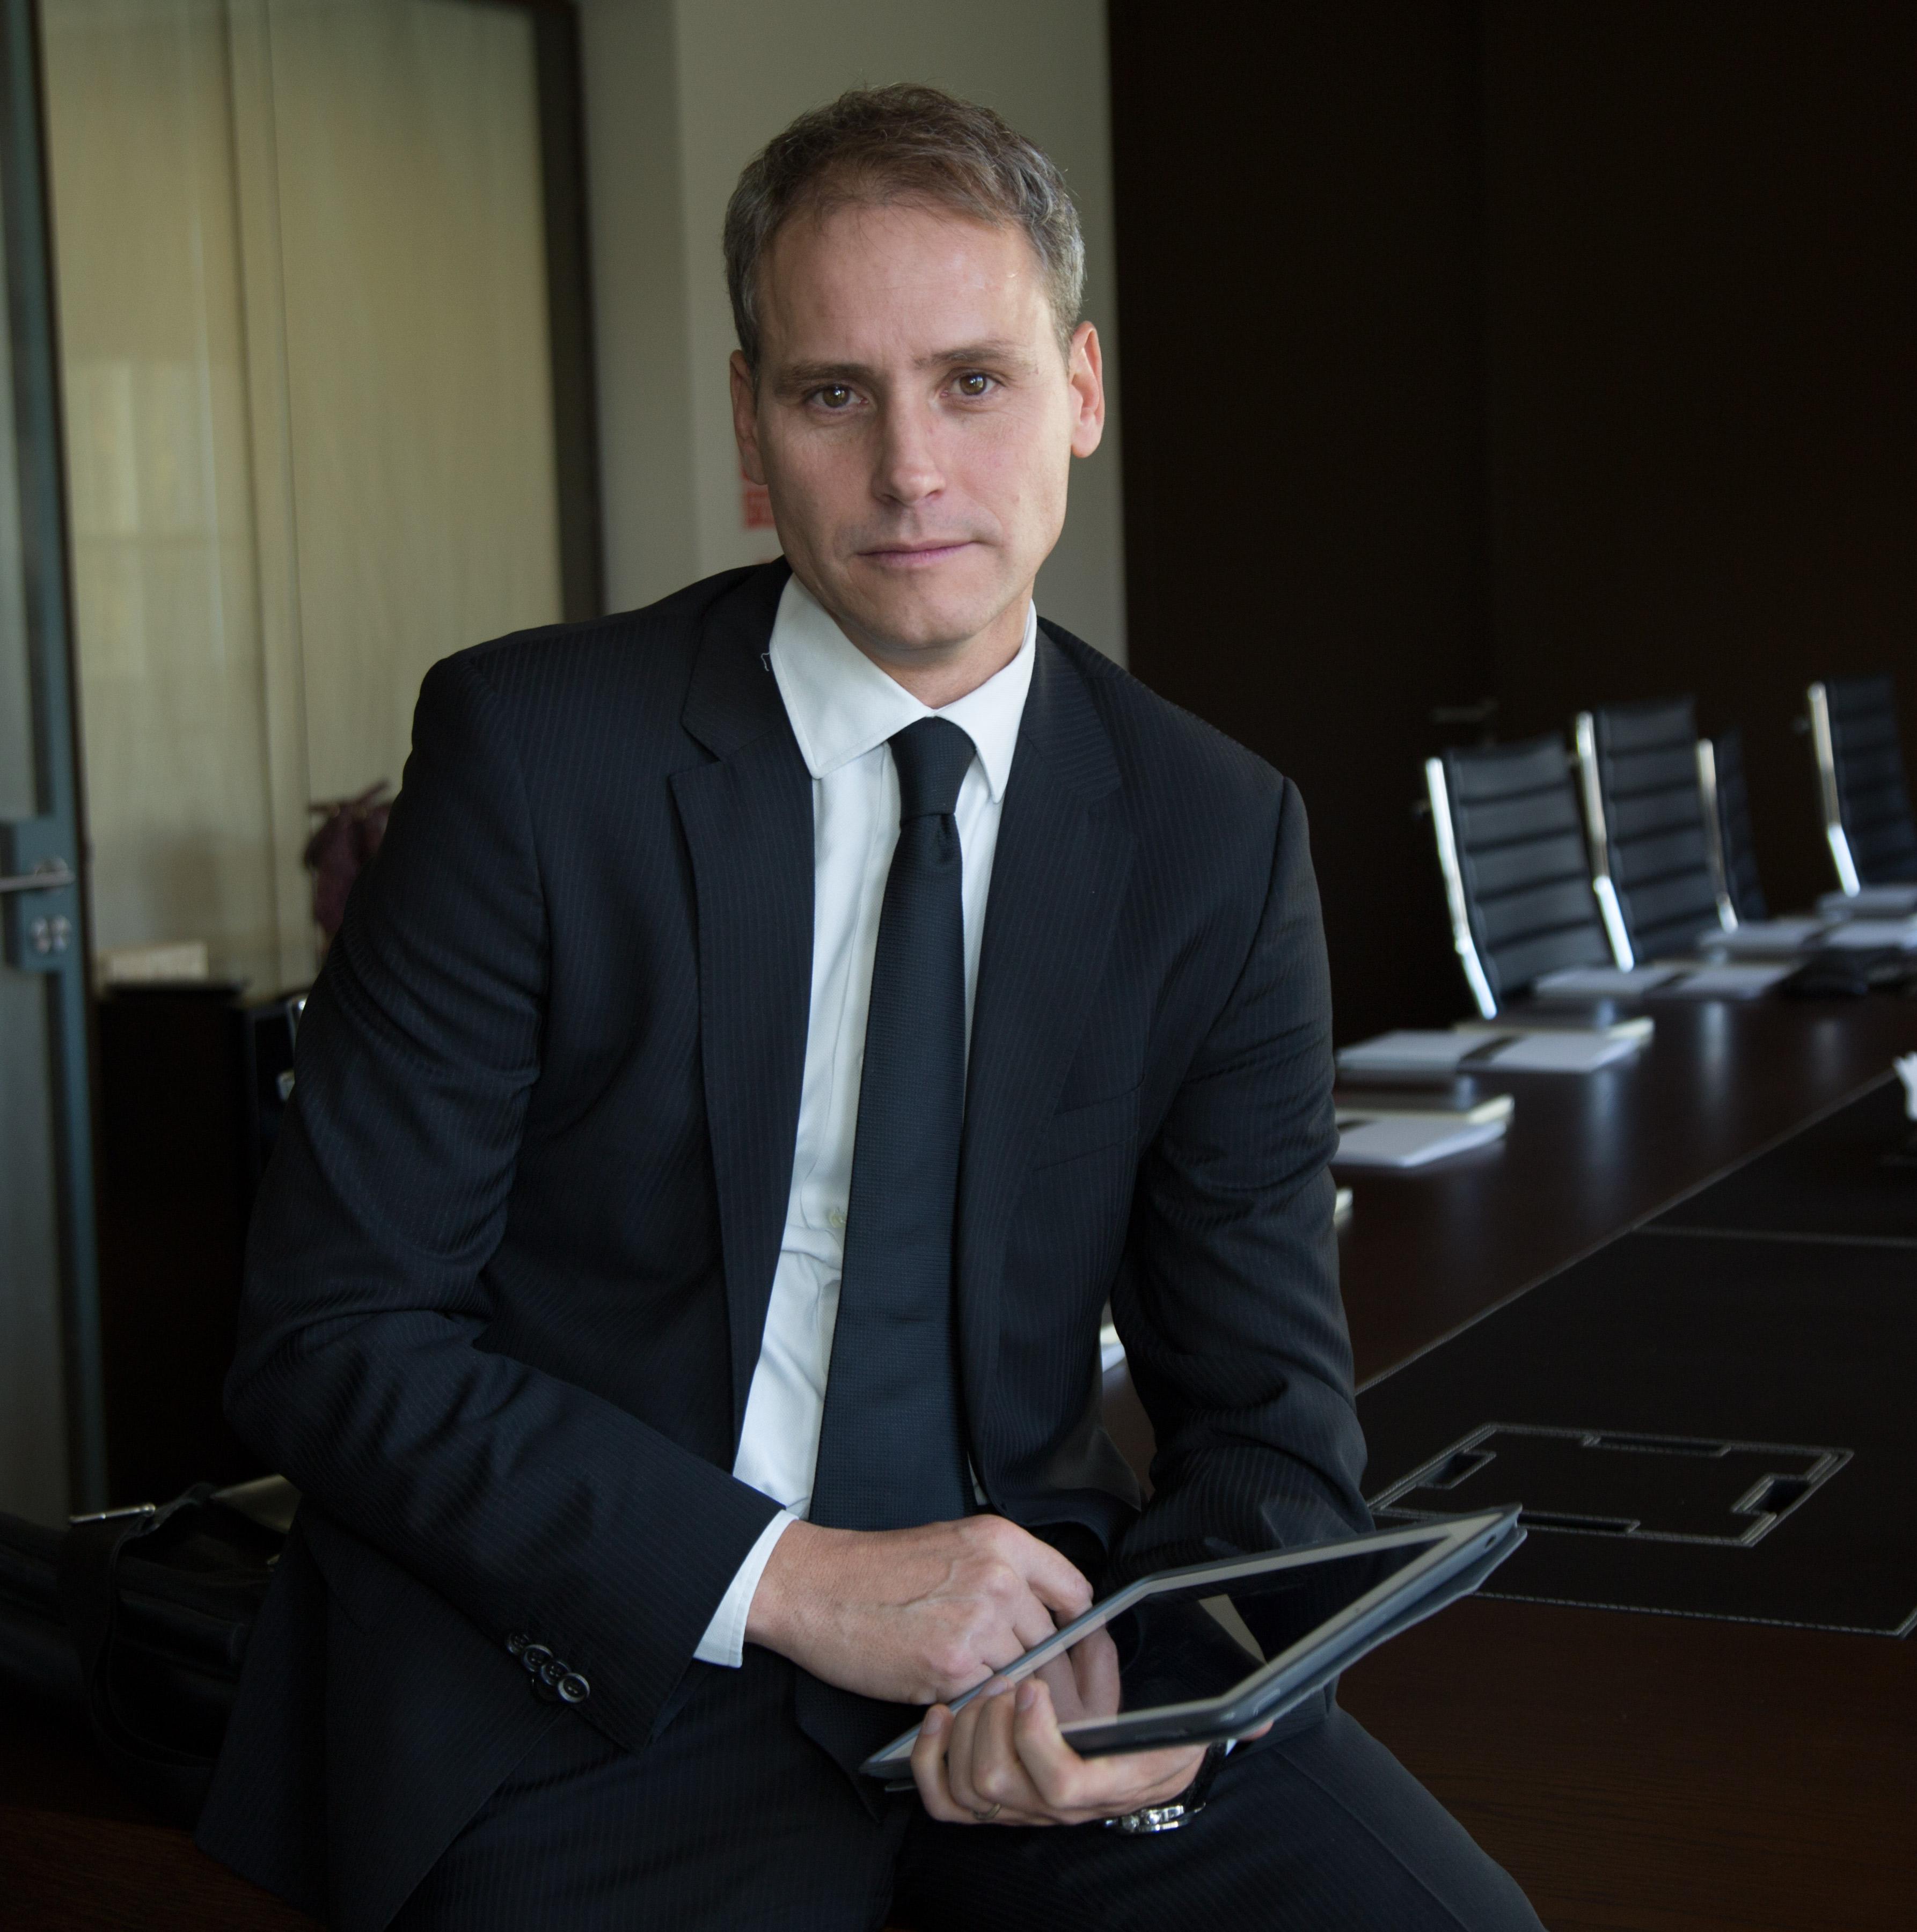 El regulador da marcha atrás en Solvency II y ello podría resultar beneficioso – Flash Note de Álex Fusté